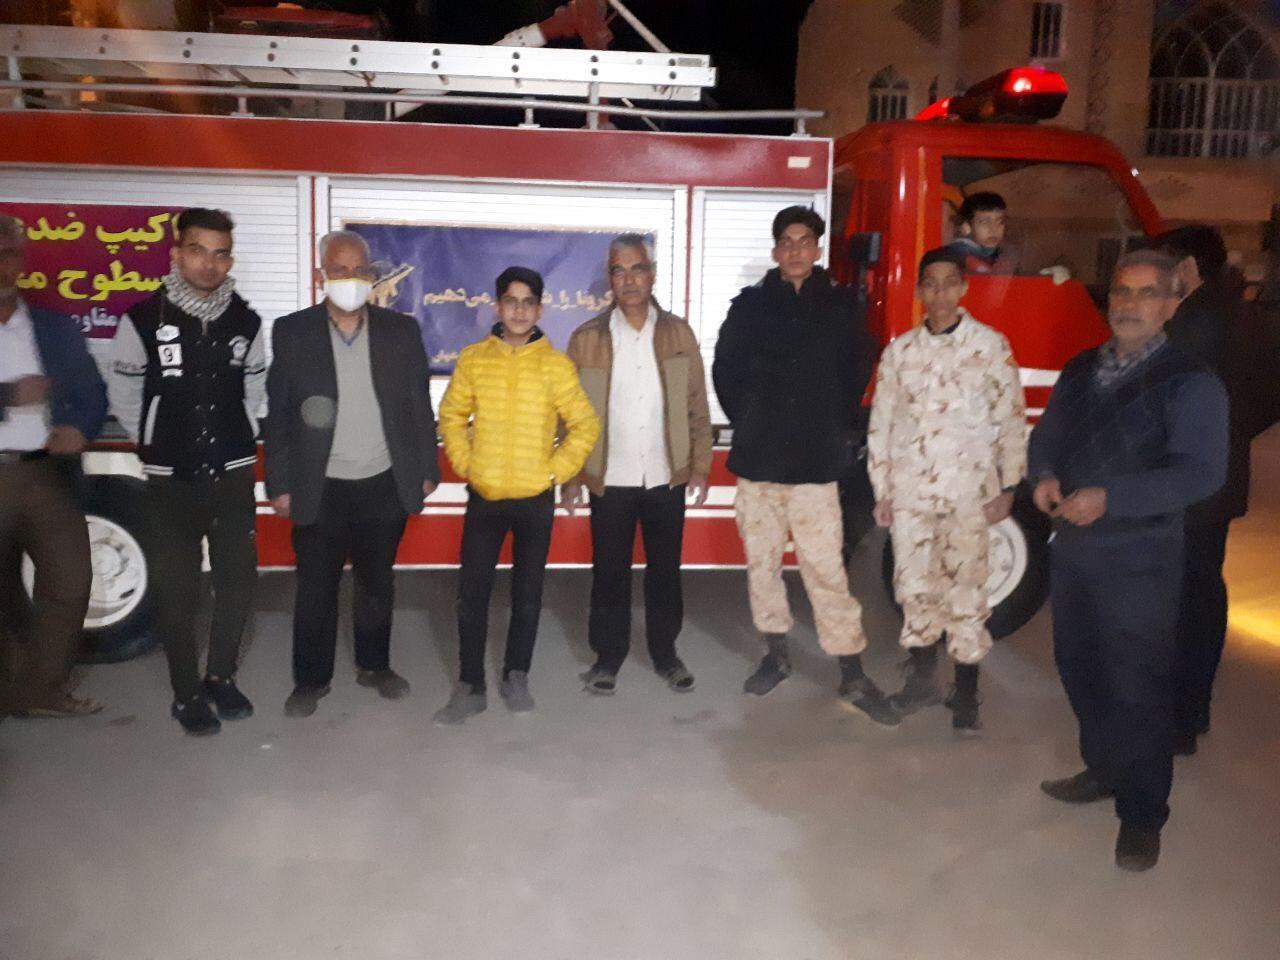 اقدامات گروه جهادی پایگاه شهیدغفاری محله لودریچه